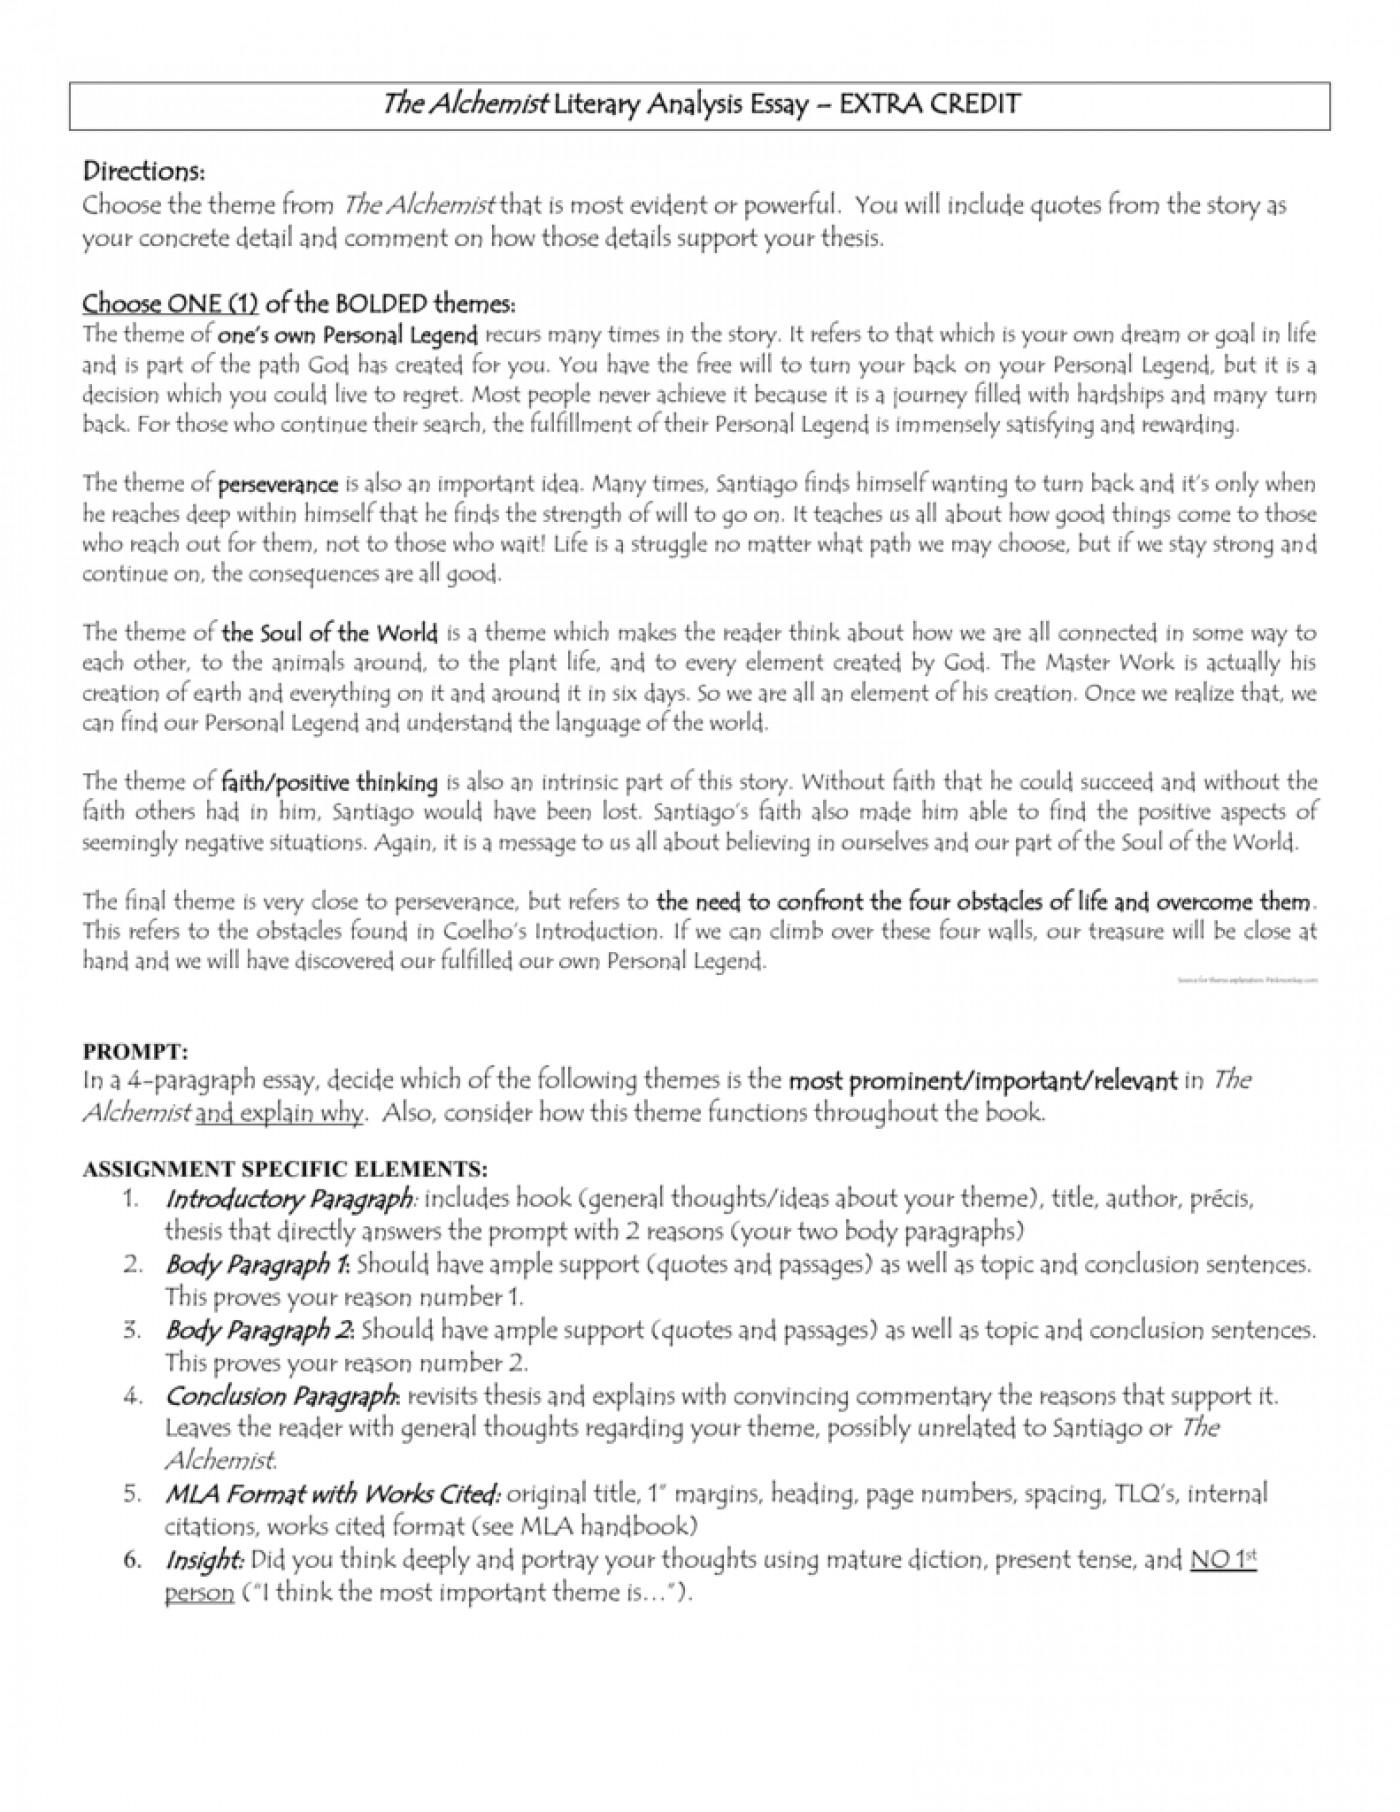 001 008272369 1 The Alchemist Essay Remarkable Ben Jonson Questions Outline Thesis 1400